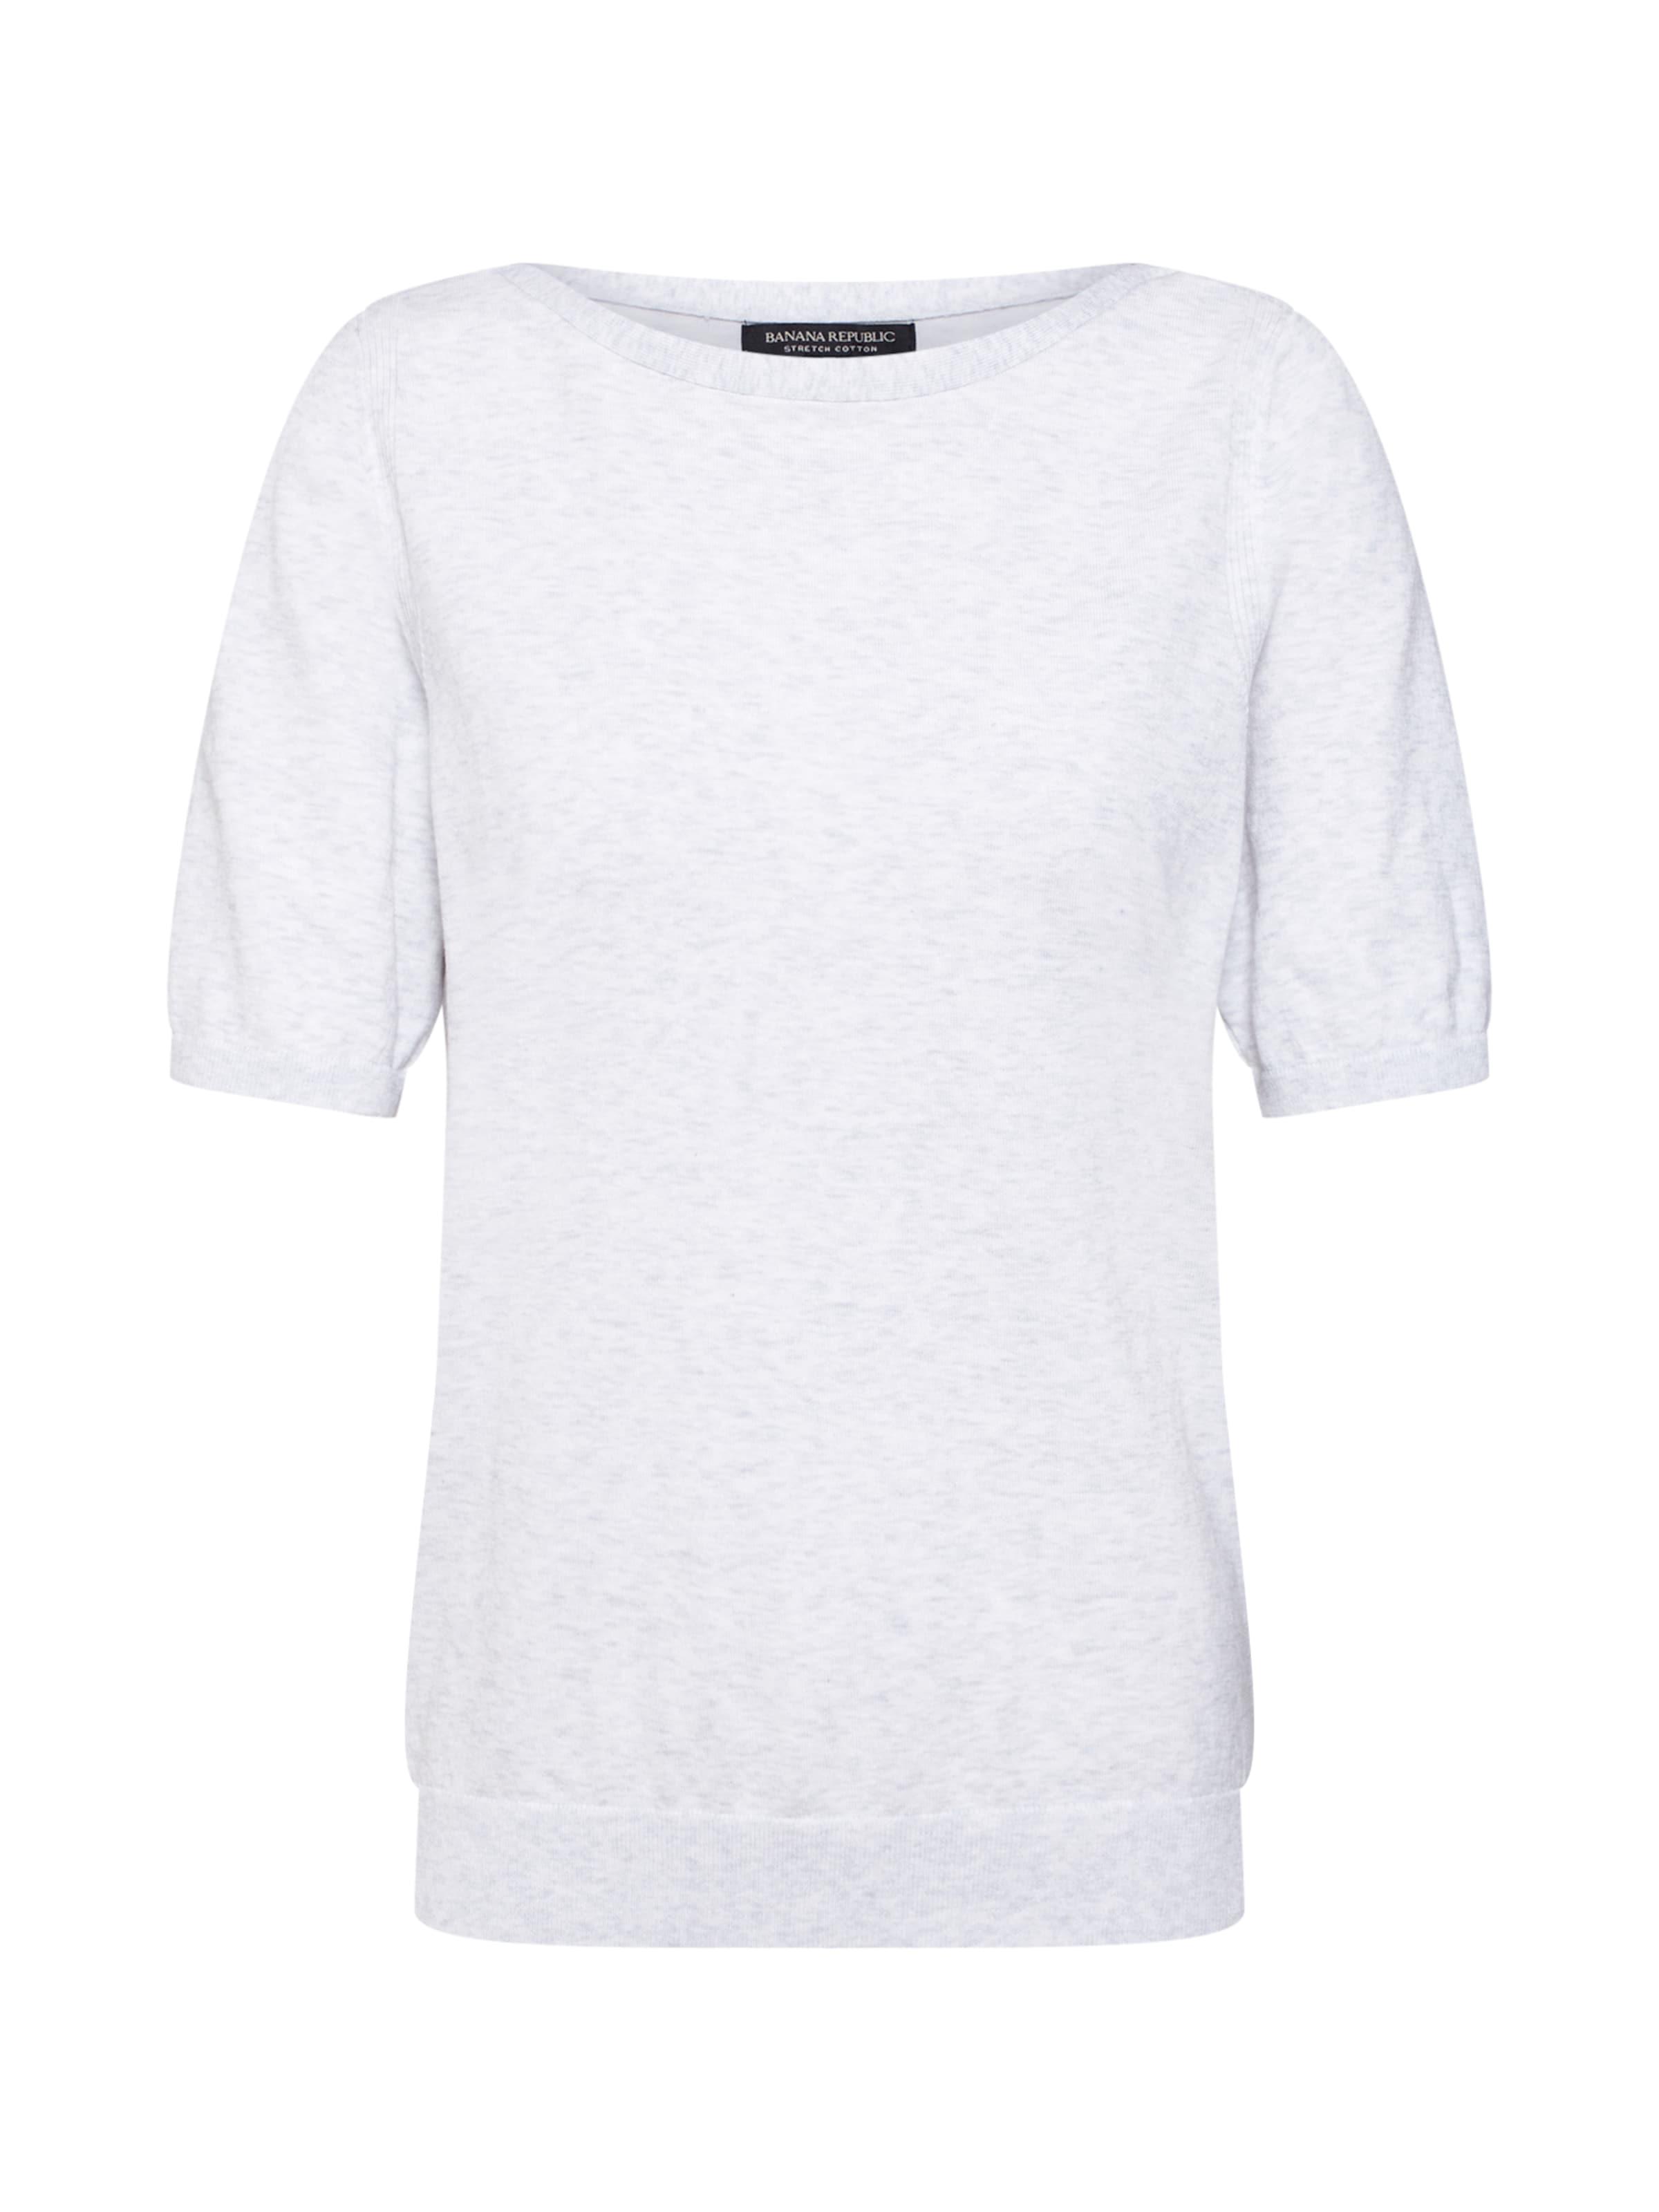 Solid' Banana 'su19 Hellgrau In Republic Stretch Shirt Tee Cotton Yfyb7v6g